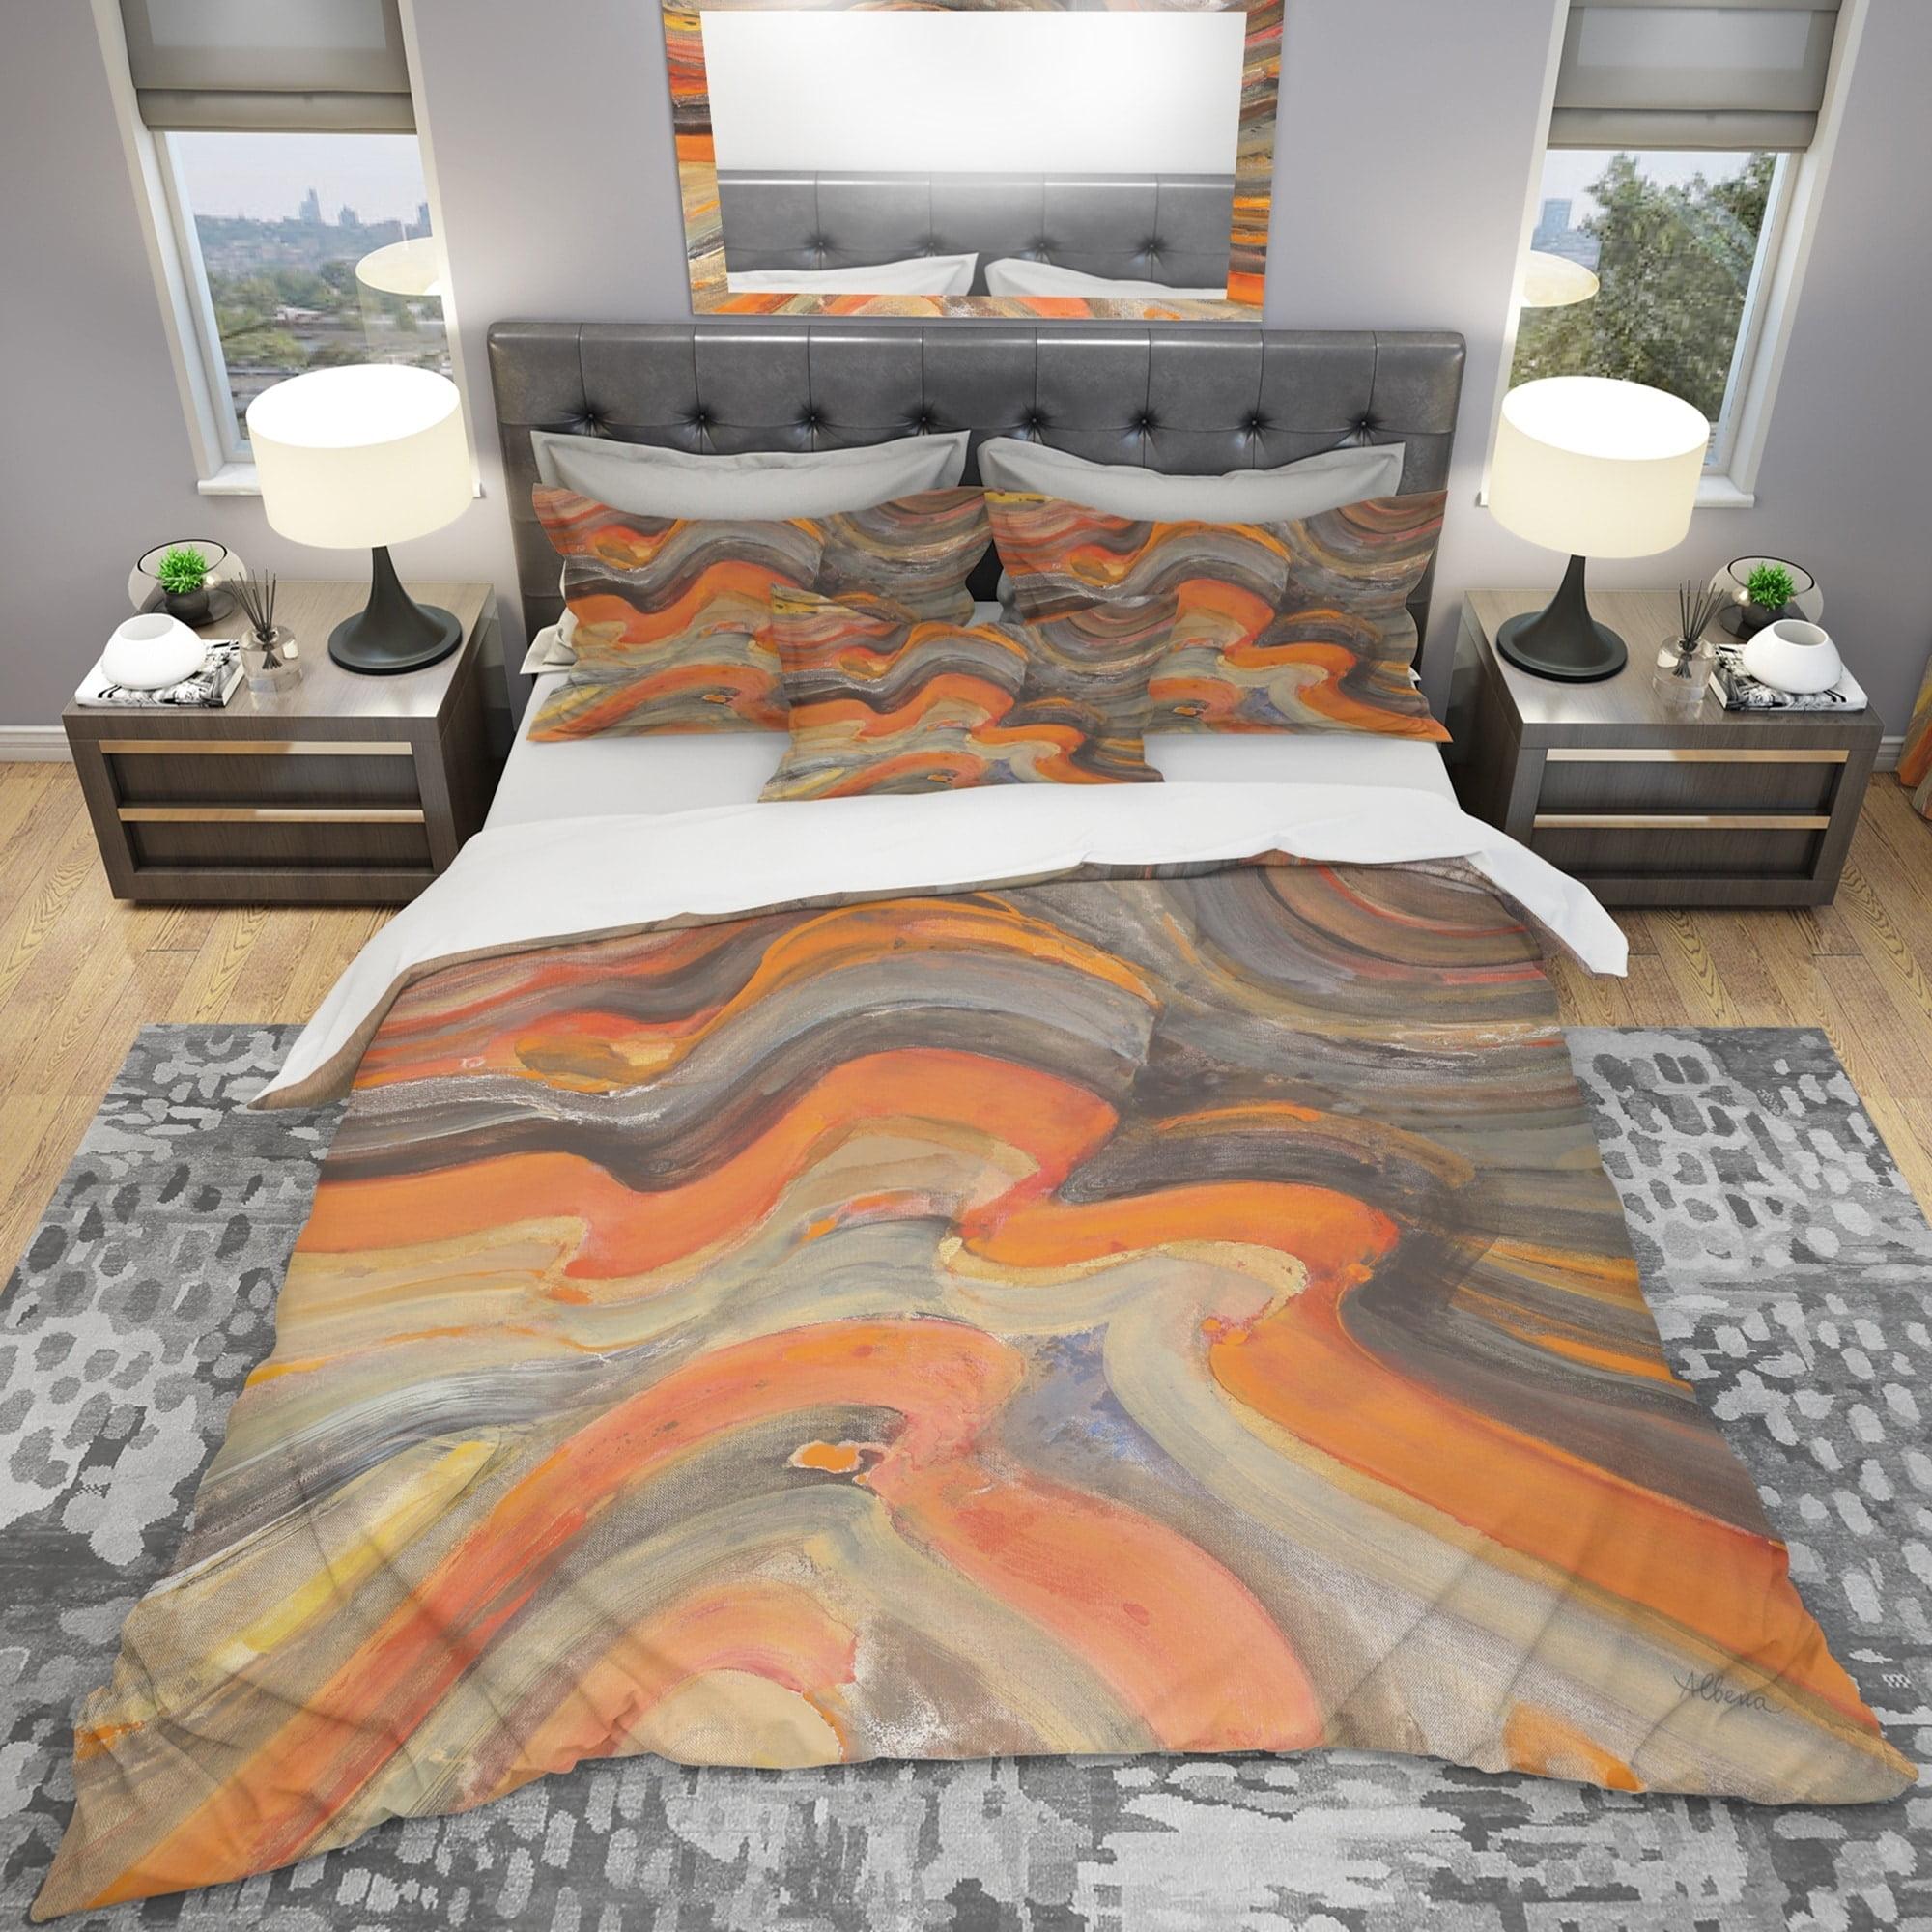 DESIGN ART Designart 'Abstract Gilded Orange Waves' Geometric Bedding Set - Duvet Cover & Shams